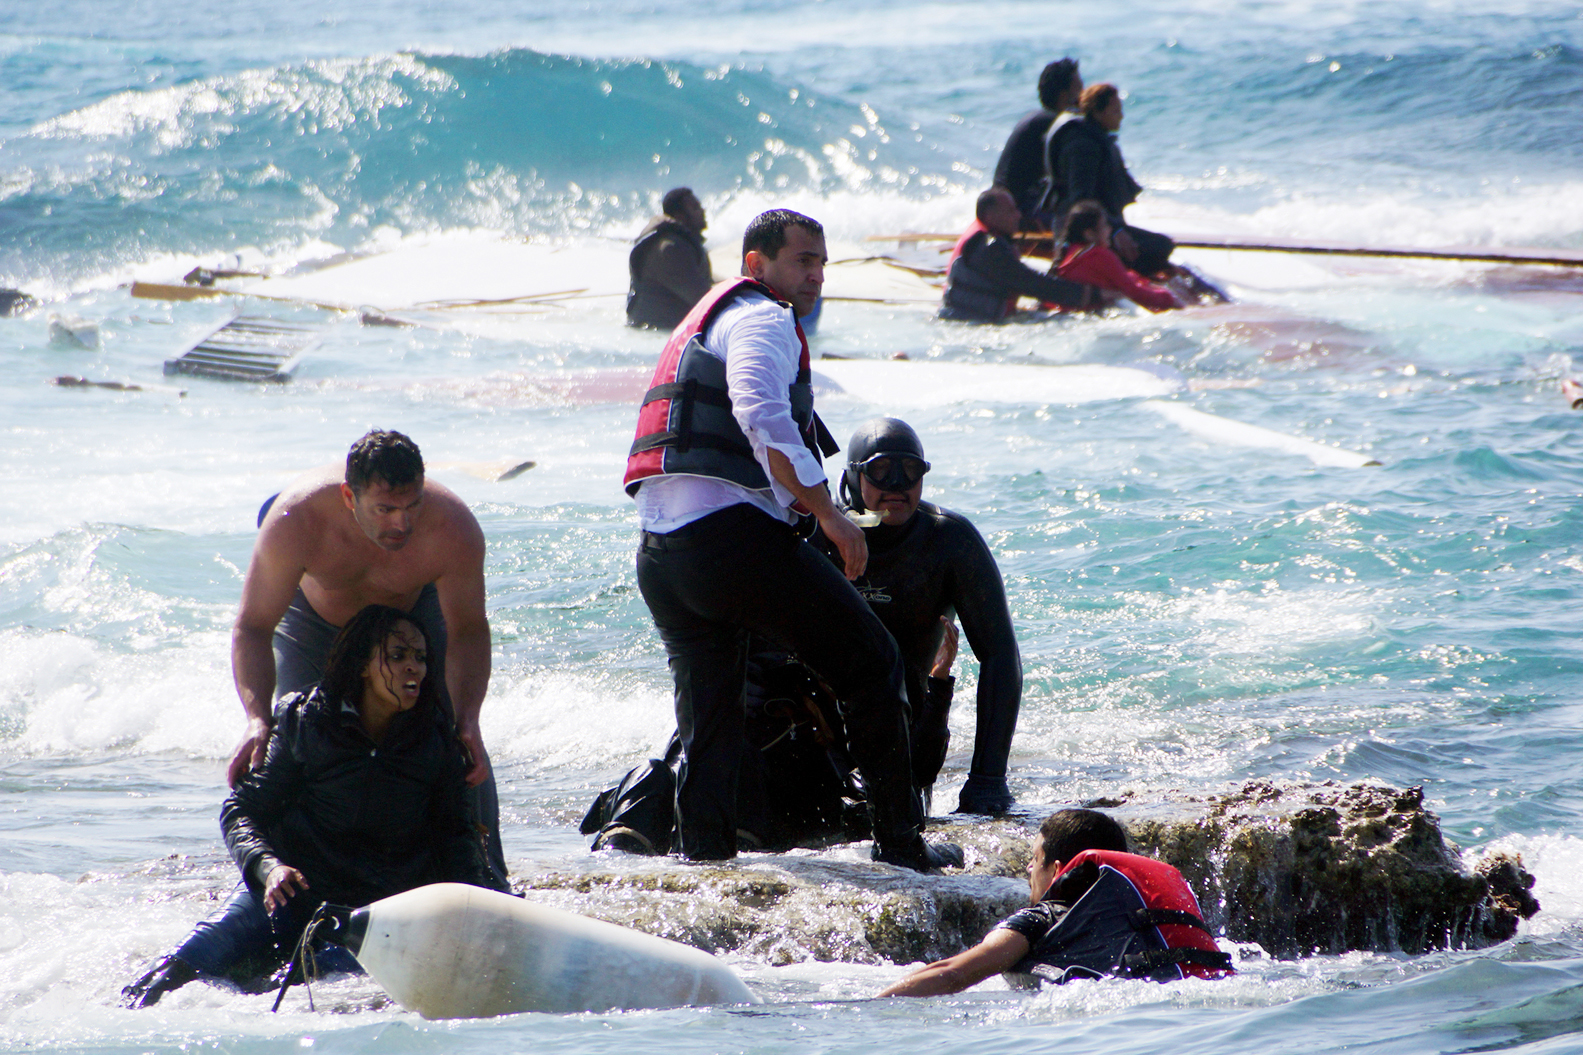 Povestea traumatizanta a unei tinere din Eritreea care a naufragiat in largul Greciei, intr-o barca de lemn: